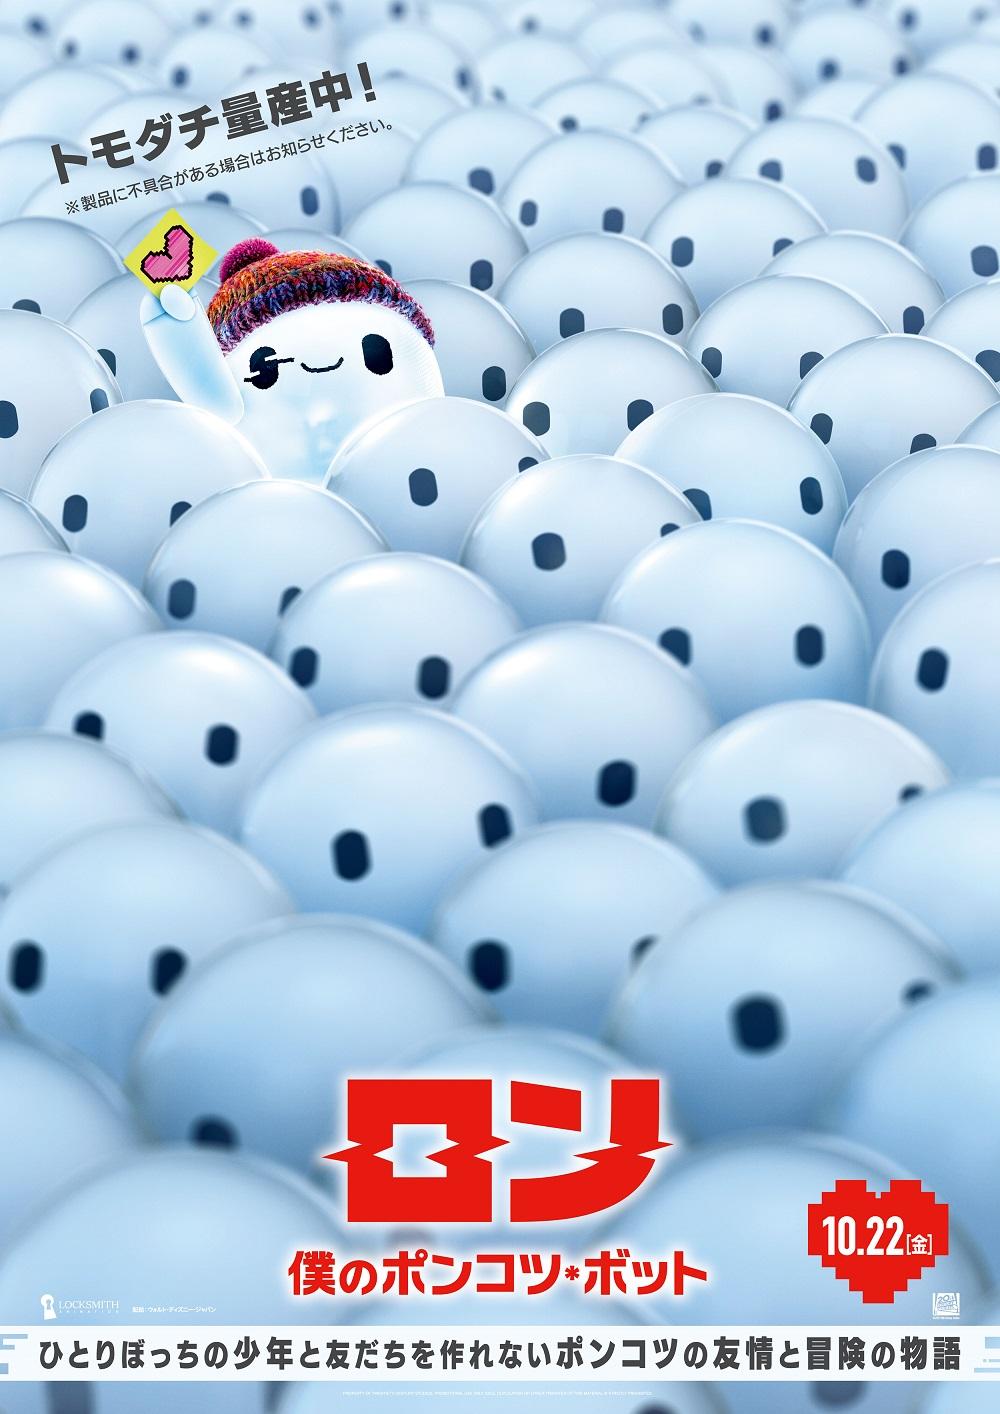 ロン-僕のポンコツ・ボット日本版ポスター